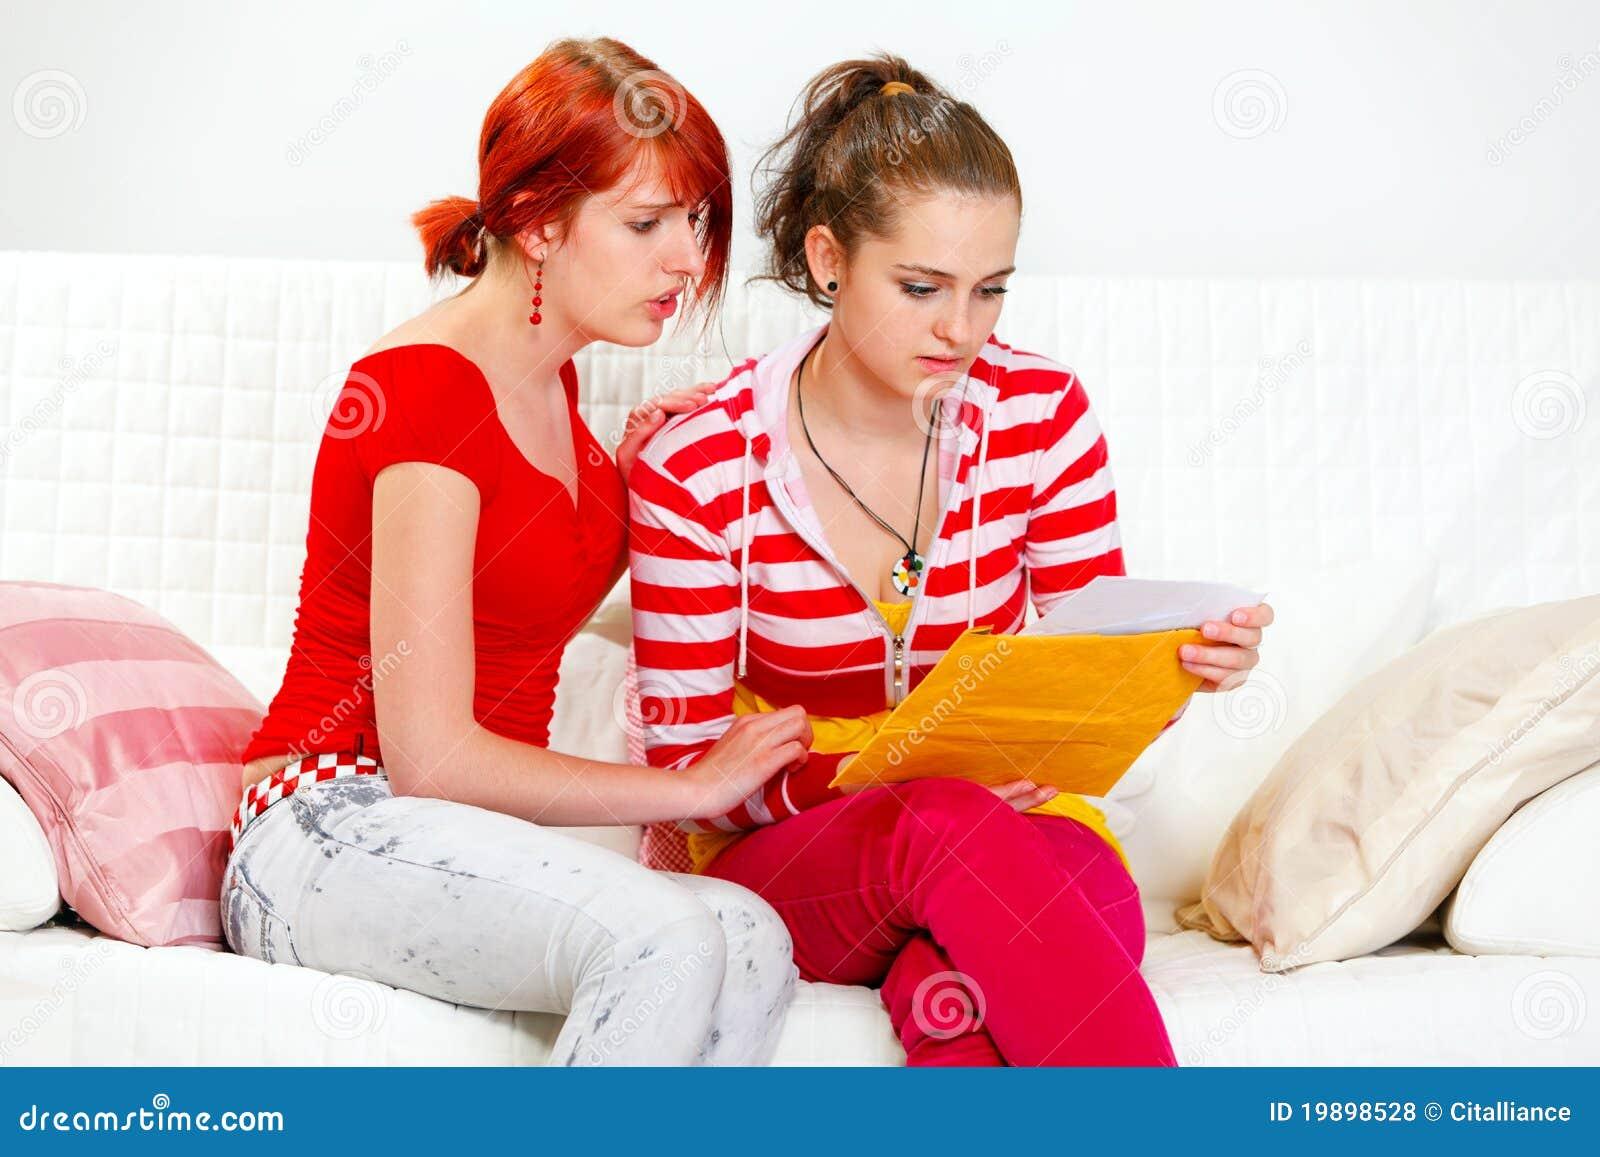 Zeichenfreundin des aufmerksamen Mädchens beruhigende Lese